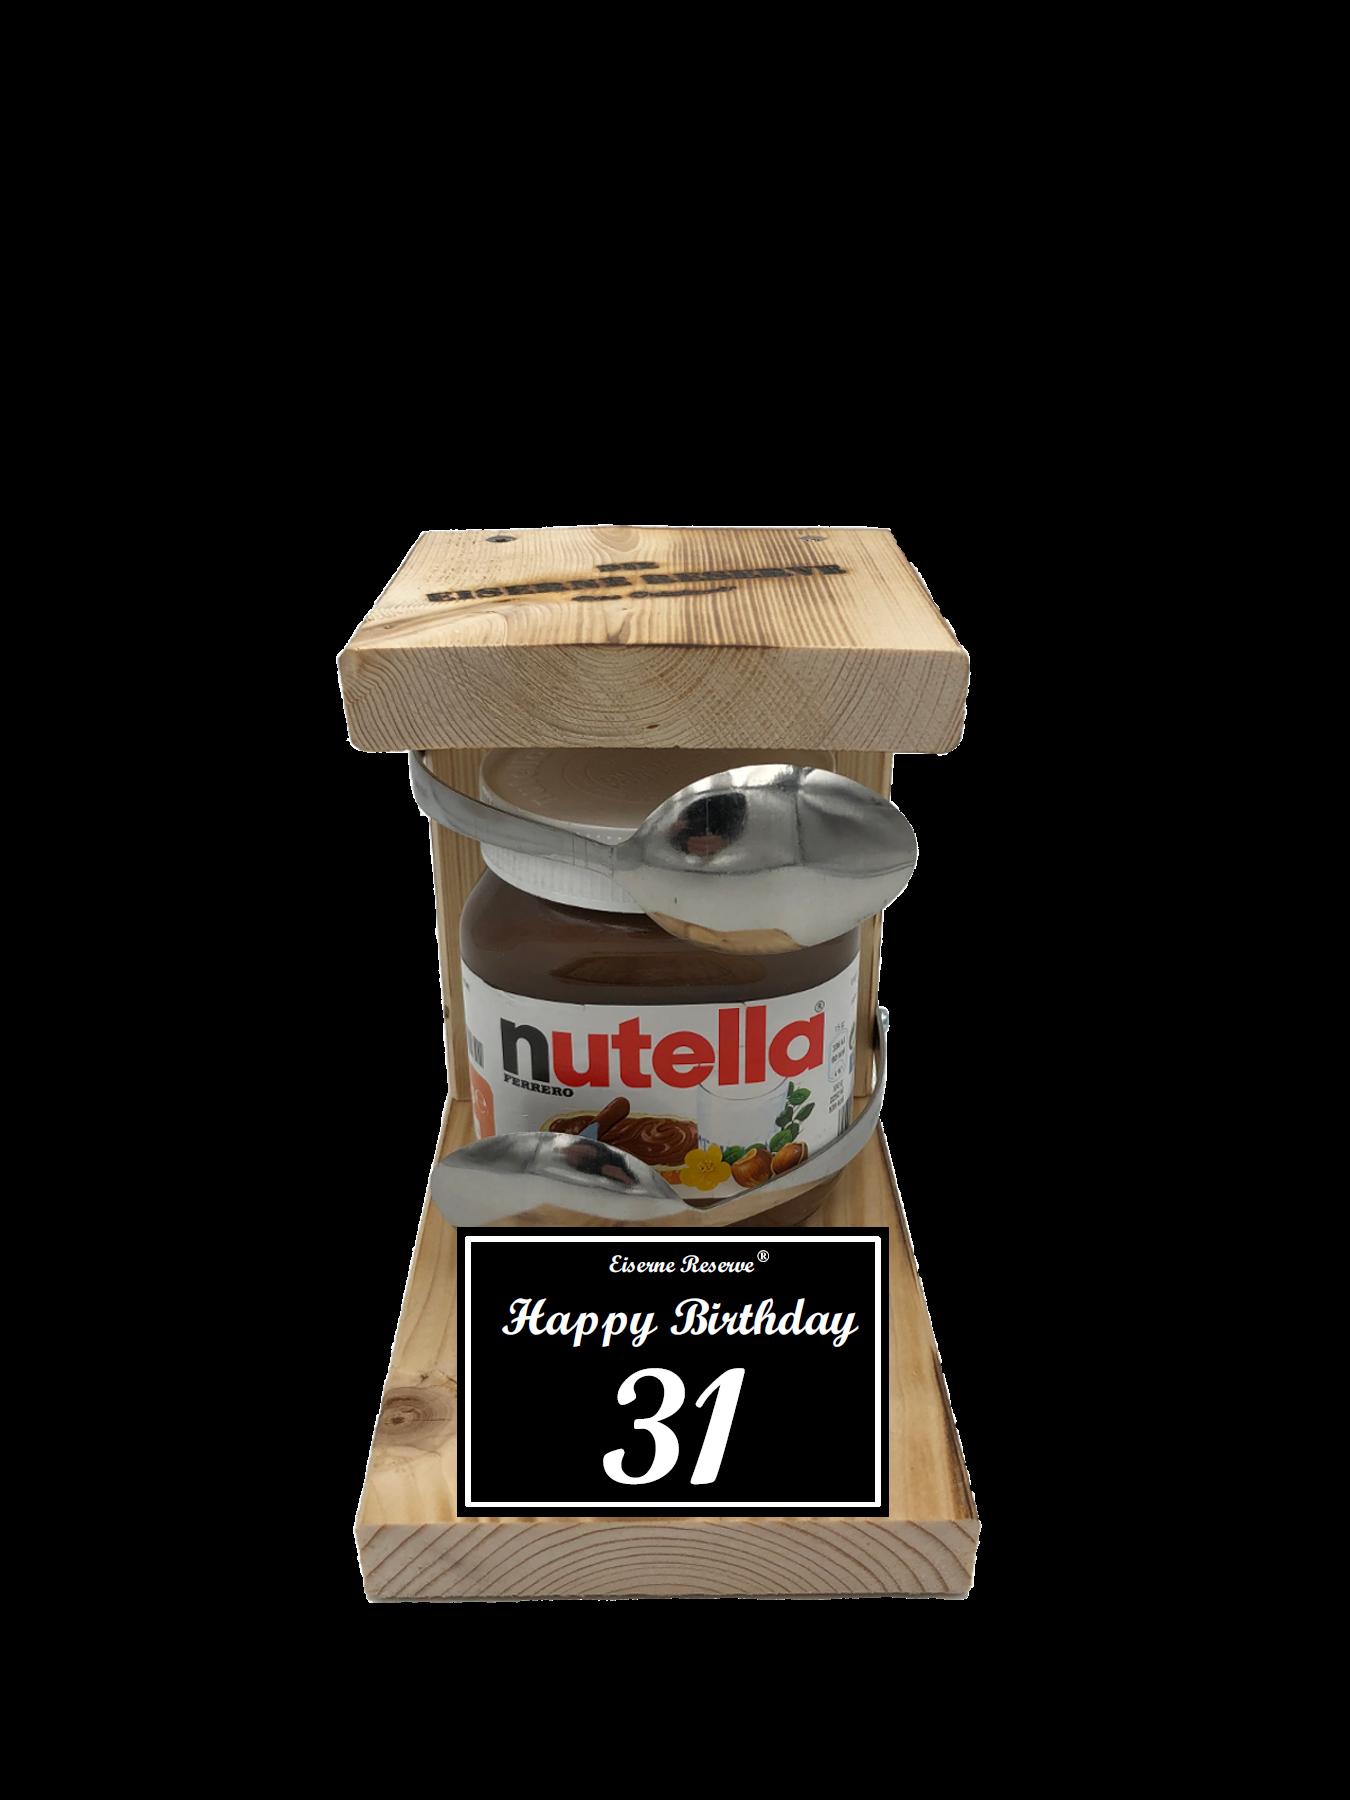 31 Happy Birthday Löffel Nutella Geschenk - Die Nutella Geschenkidee